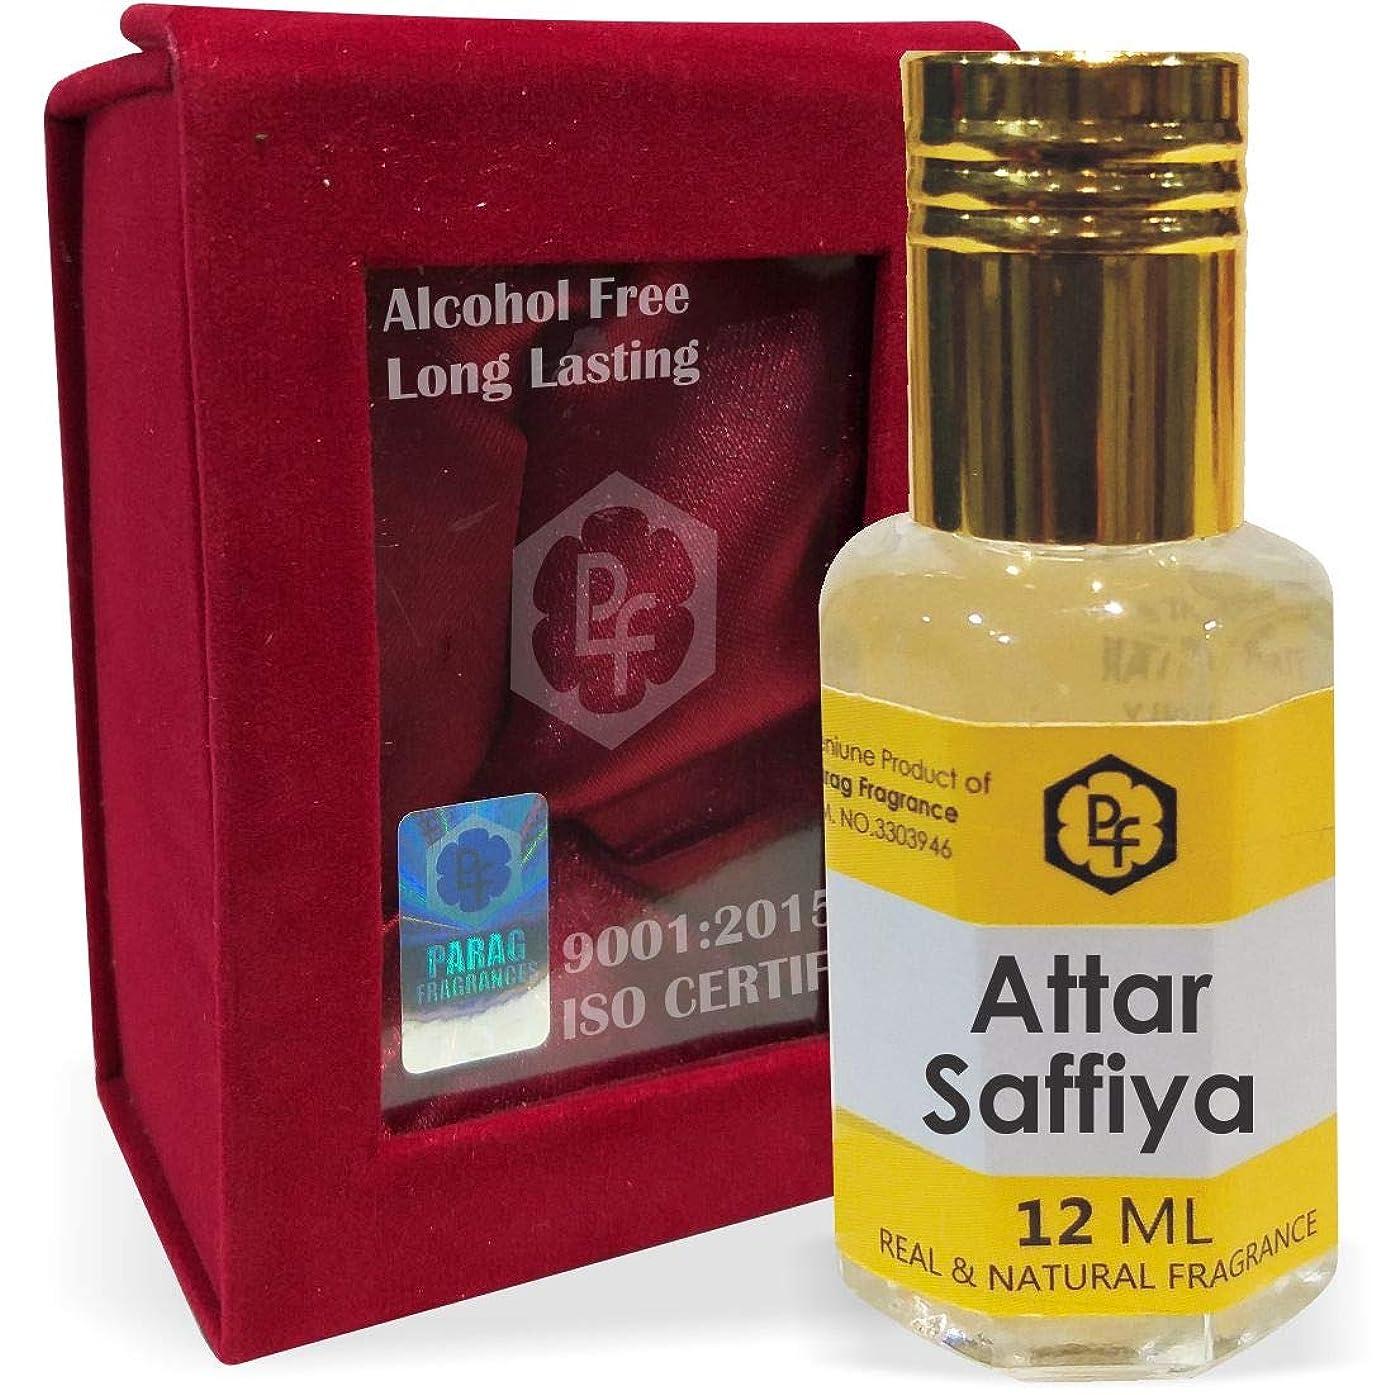 ロゴチート補償ParagフレグランスSaffiya手作りベルベットボックス12ミリリットルアター/香水(インドの伝統的なBhapka処理方法により、インド製)オイル/フレグランスオイル|長持ちアターITRA最高の品質